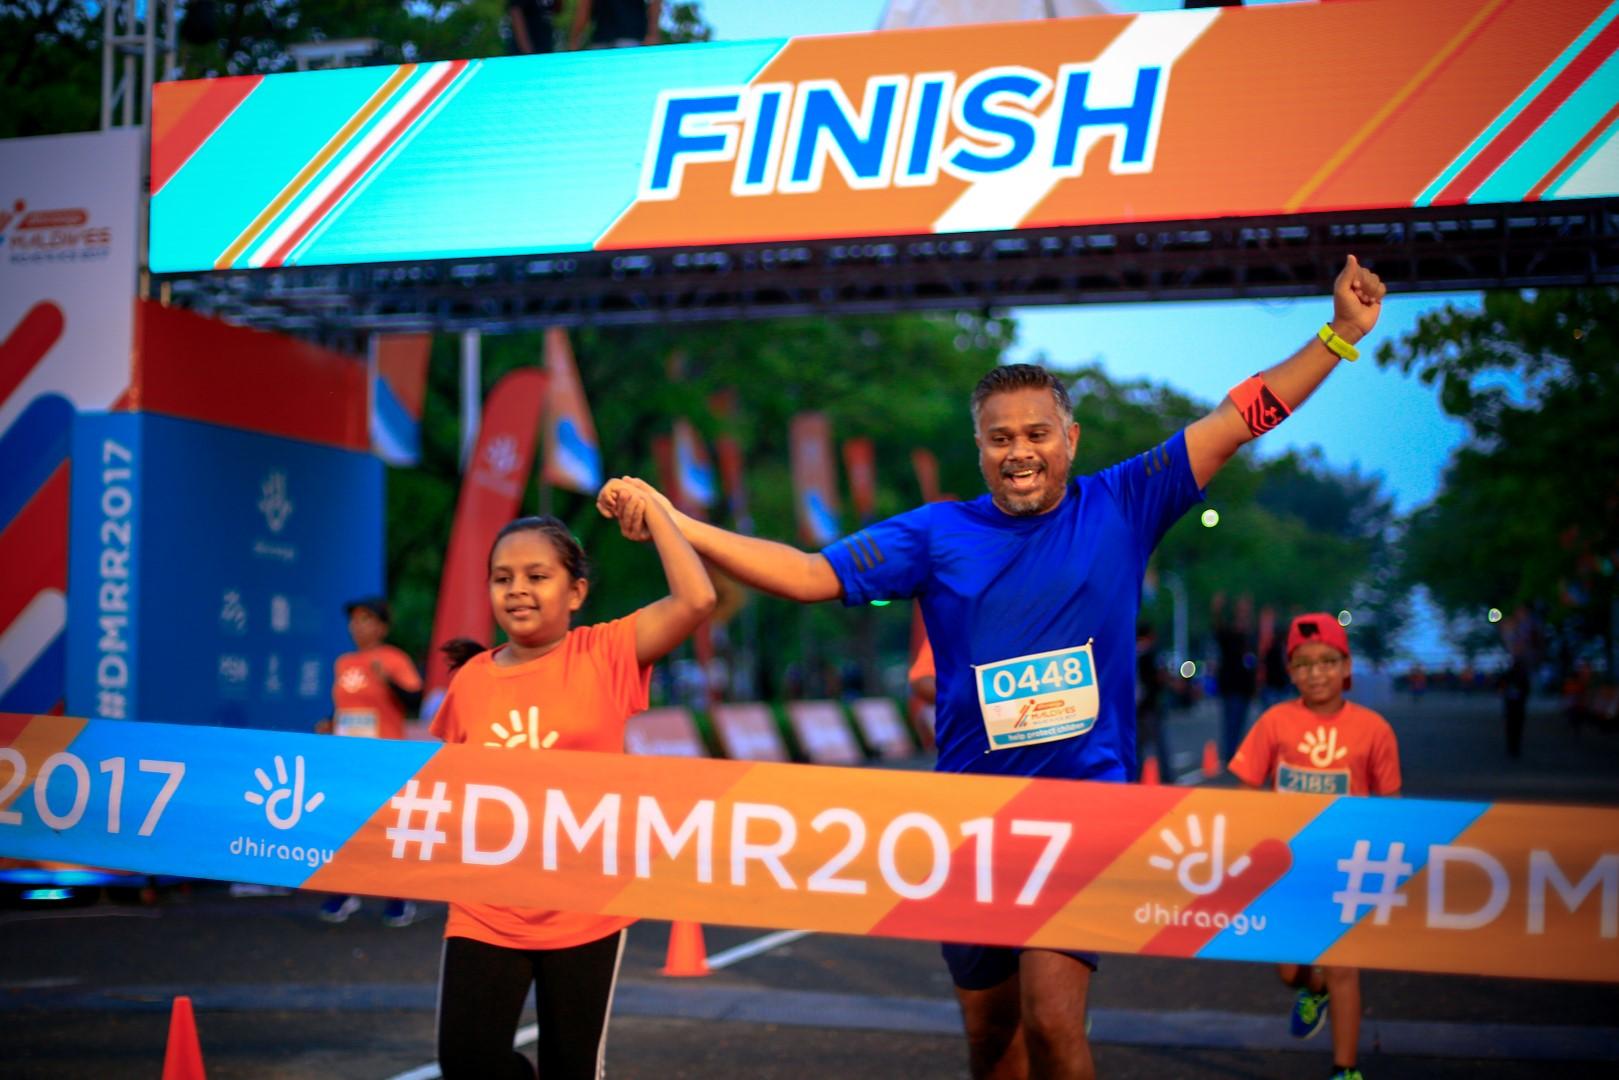 DMMRR2017 (15)